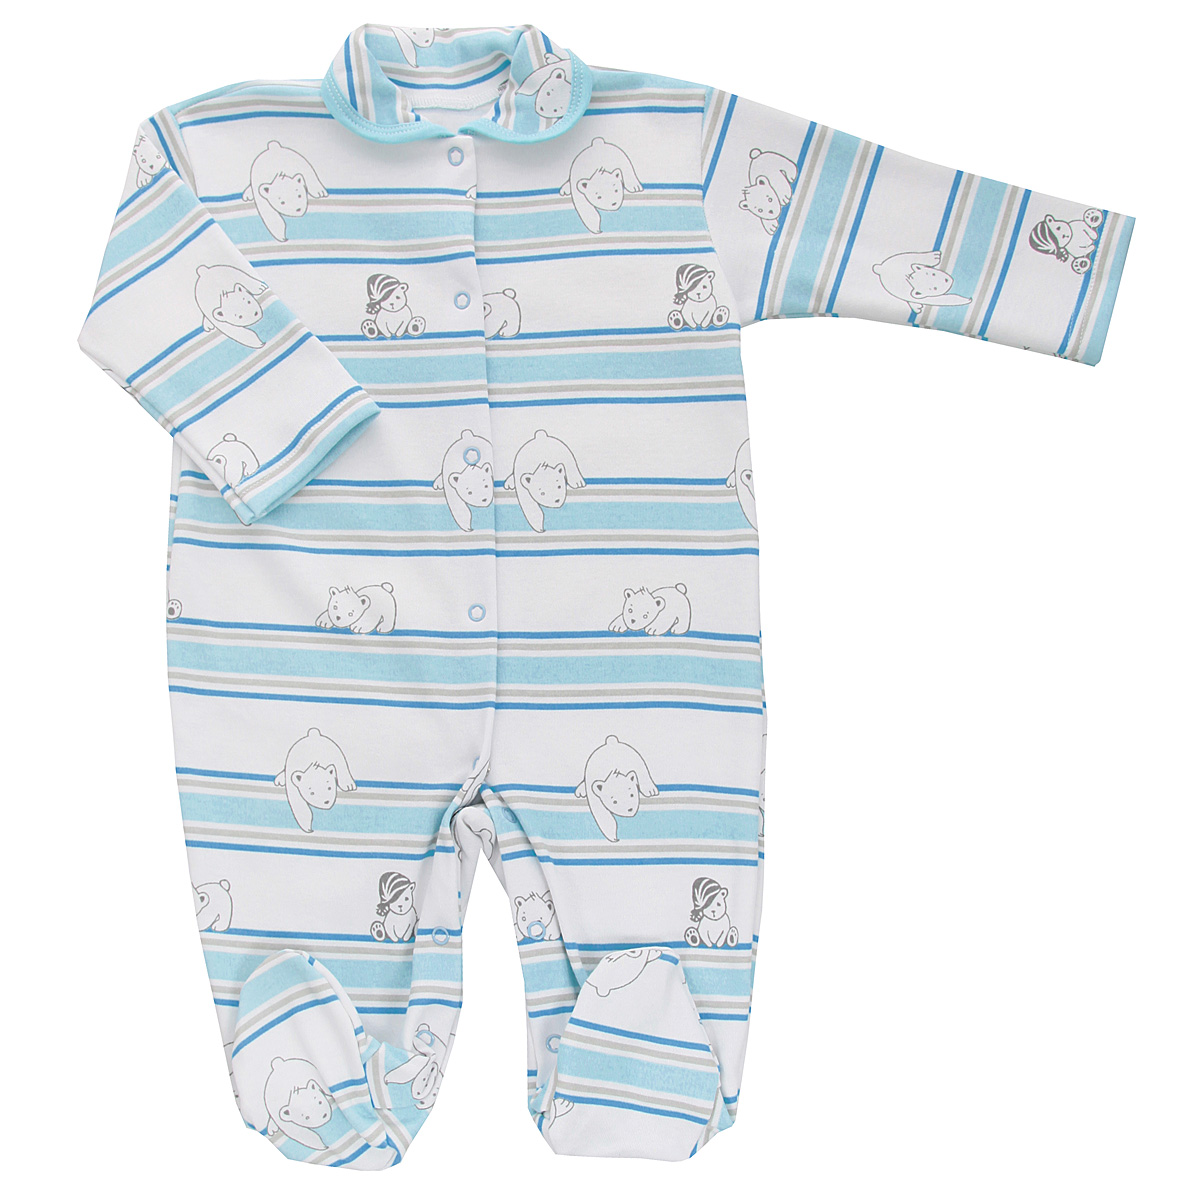 Комбинезон детский Трон-плюс, цвет: белый, голубой. 5815_мишка, полоска. Размер 68, 6 месяцев5815_мишка, полоскаДетский комбинезон Трон-Плюс - очень удобный и практичный вид одежды для малышей. Комбинезон выполнен из интерлока - натурального хлопка, благодаря чему он необычайно мягкий и приятный на ощупь, не раздражает нежную кожу ребенка, и хорошо вентилируются, а эластичные швы приятны телу младенца и не препятствуют его движениям. Комбинезон с длинными рукавами, закрытыми ножками и отложным воротничком имеет застежки-кнопки от горловины до щиколоток, которые помогают легко переодеть ребенка или сменить подгузник. Воротник по краю дополнен контрастной бейкой. Оформлено изделие принтом в полоску, а также изображениями медвежат. С детским комбинезоном спинка и ножки вашего крохи всегда будут в тепле, он идеален для использования днем и незаменим ночью. Комбинезон полностью соответствует особенностям жизни младенца в ранний период, не стесняя и не ограничивая его в движениях!